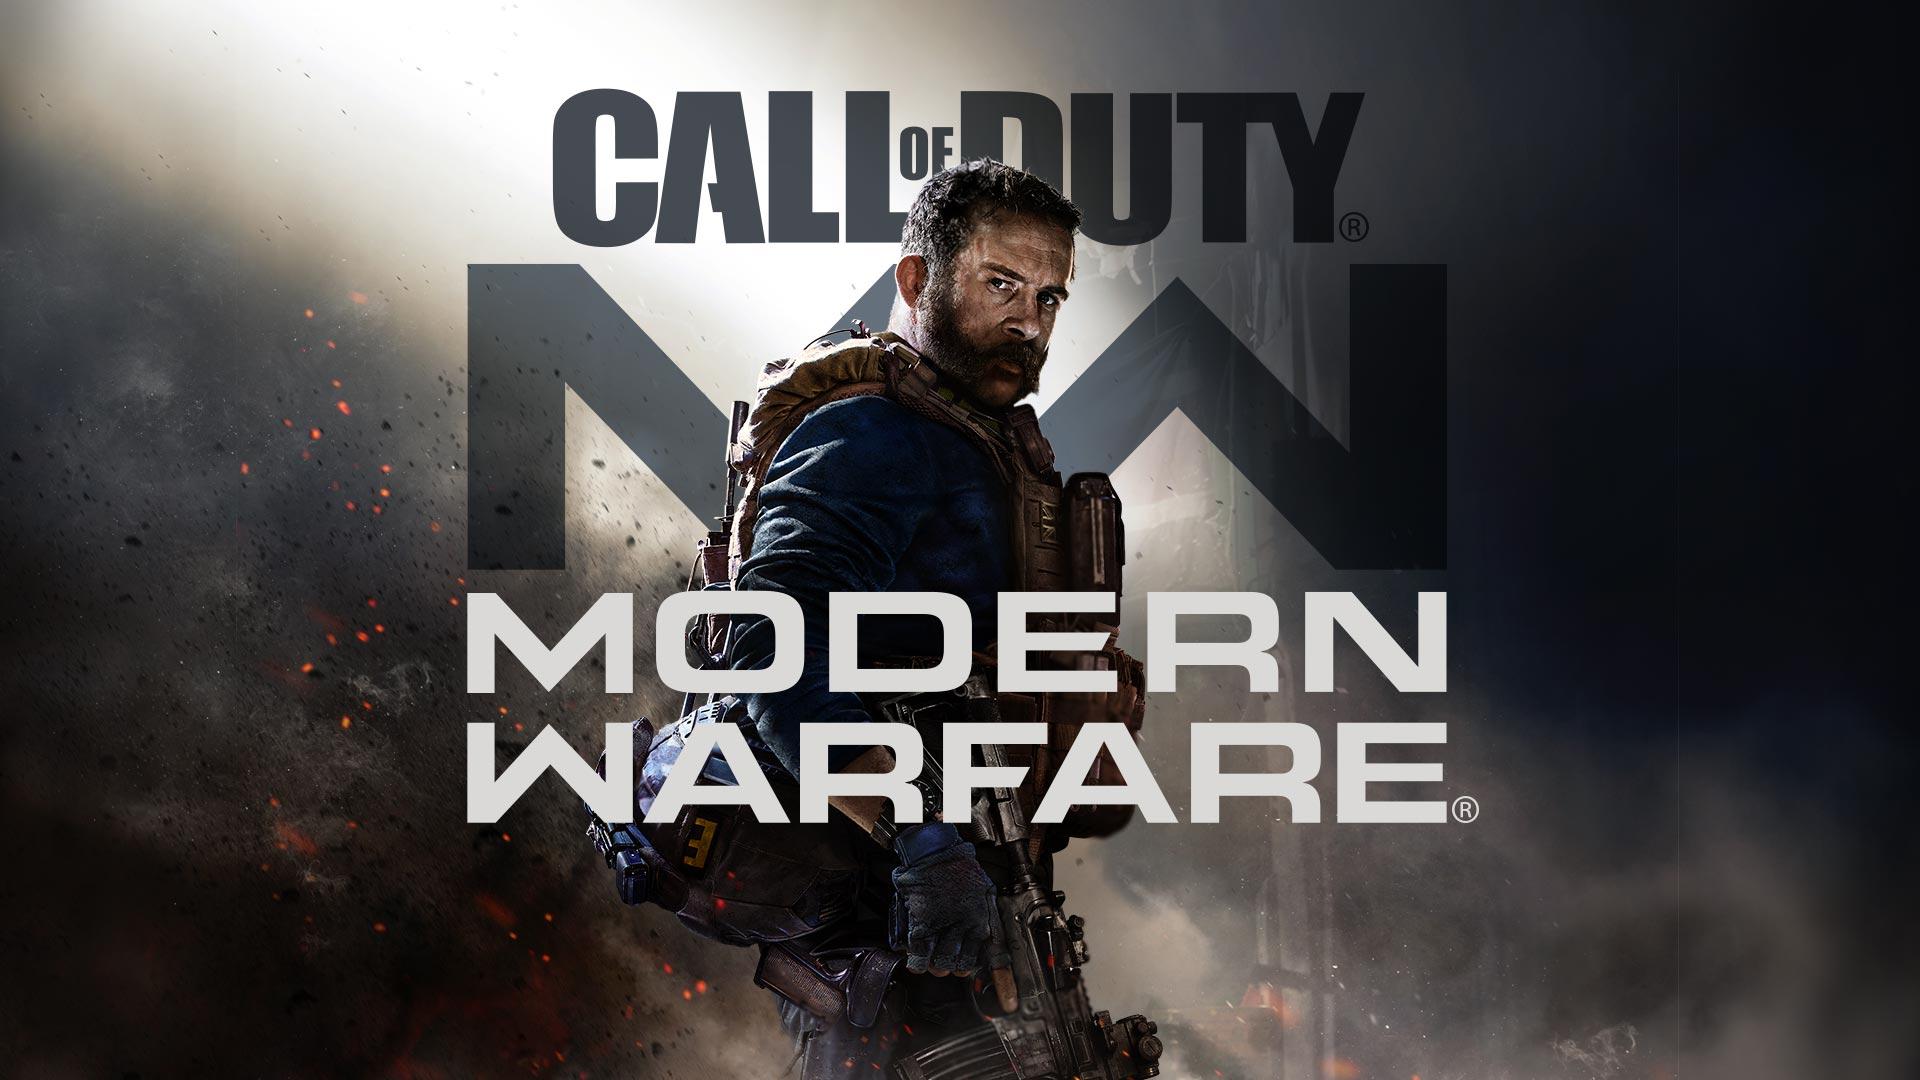 Το 2v2 Call of Duty CDL Greek Tournament και τα Top Plays